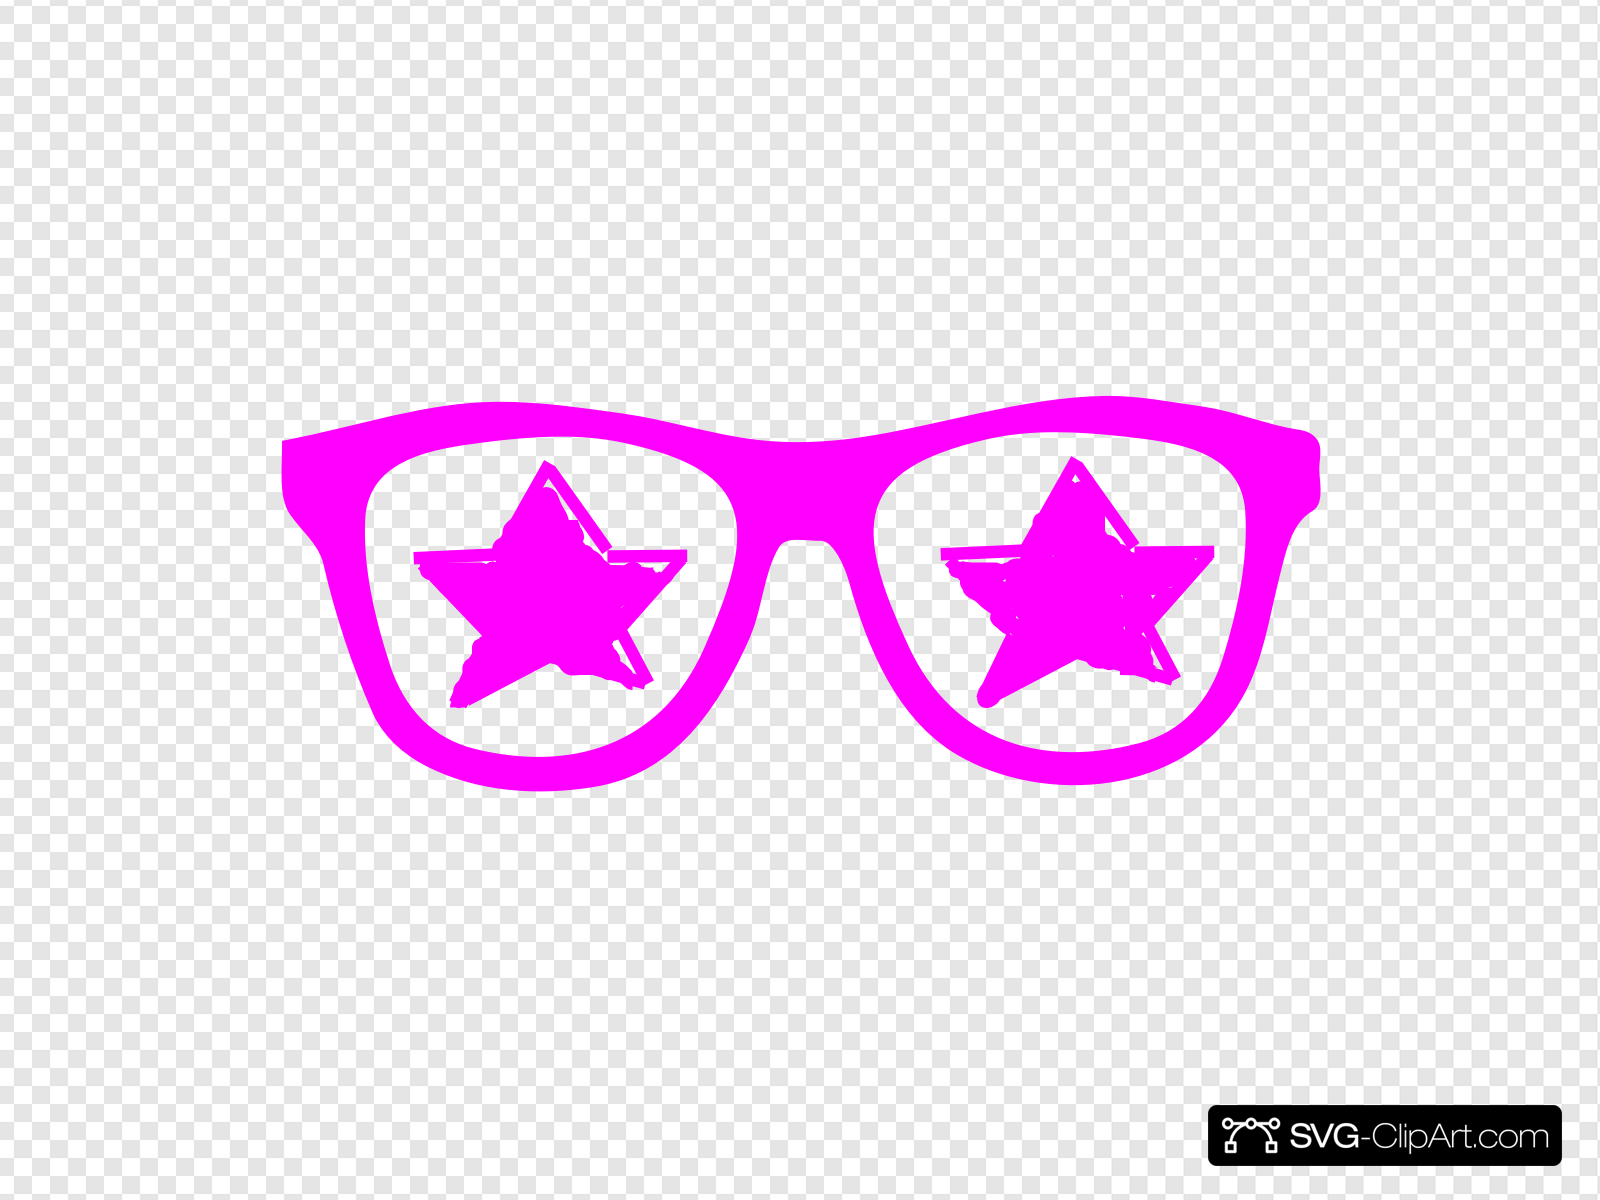 Purple Star Glasses Clip art, Icon and SVG.